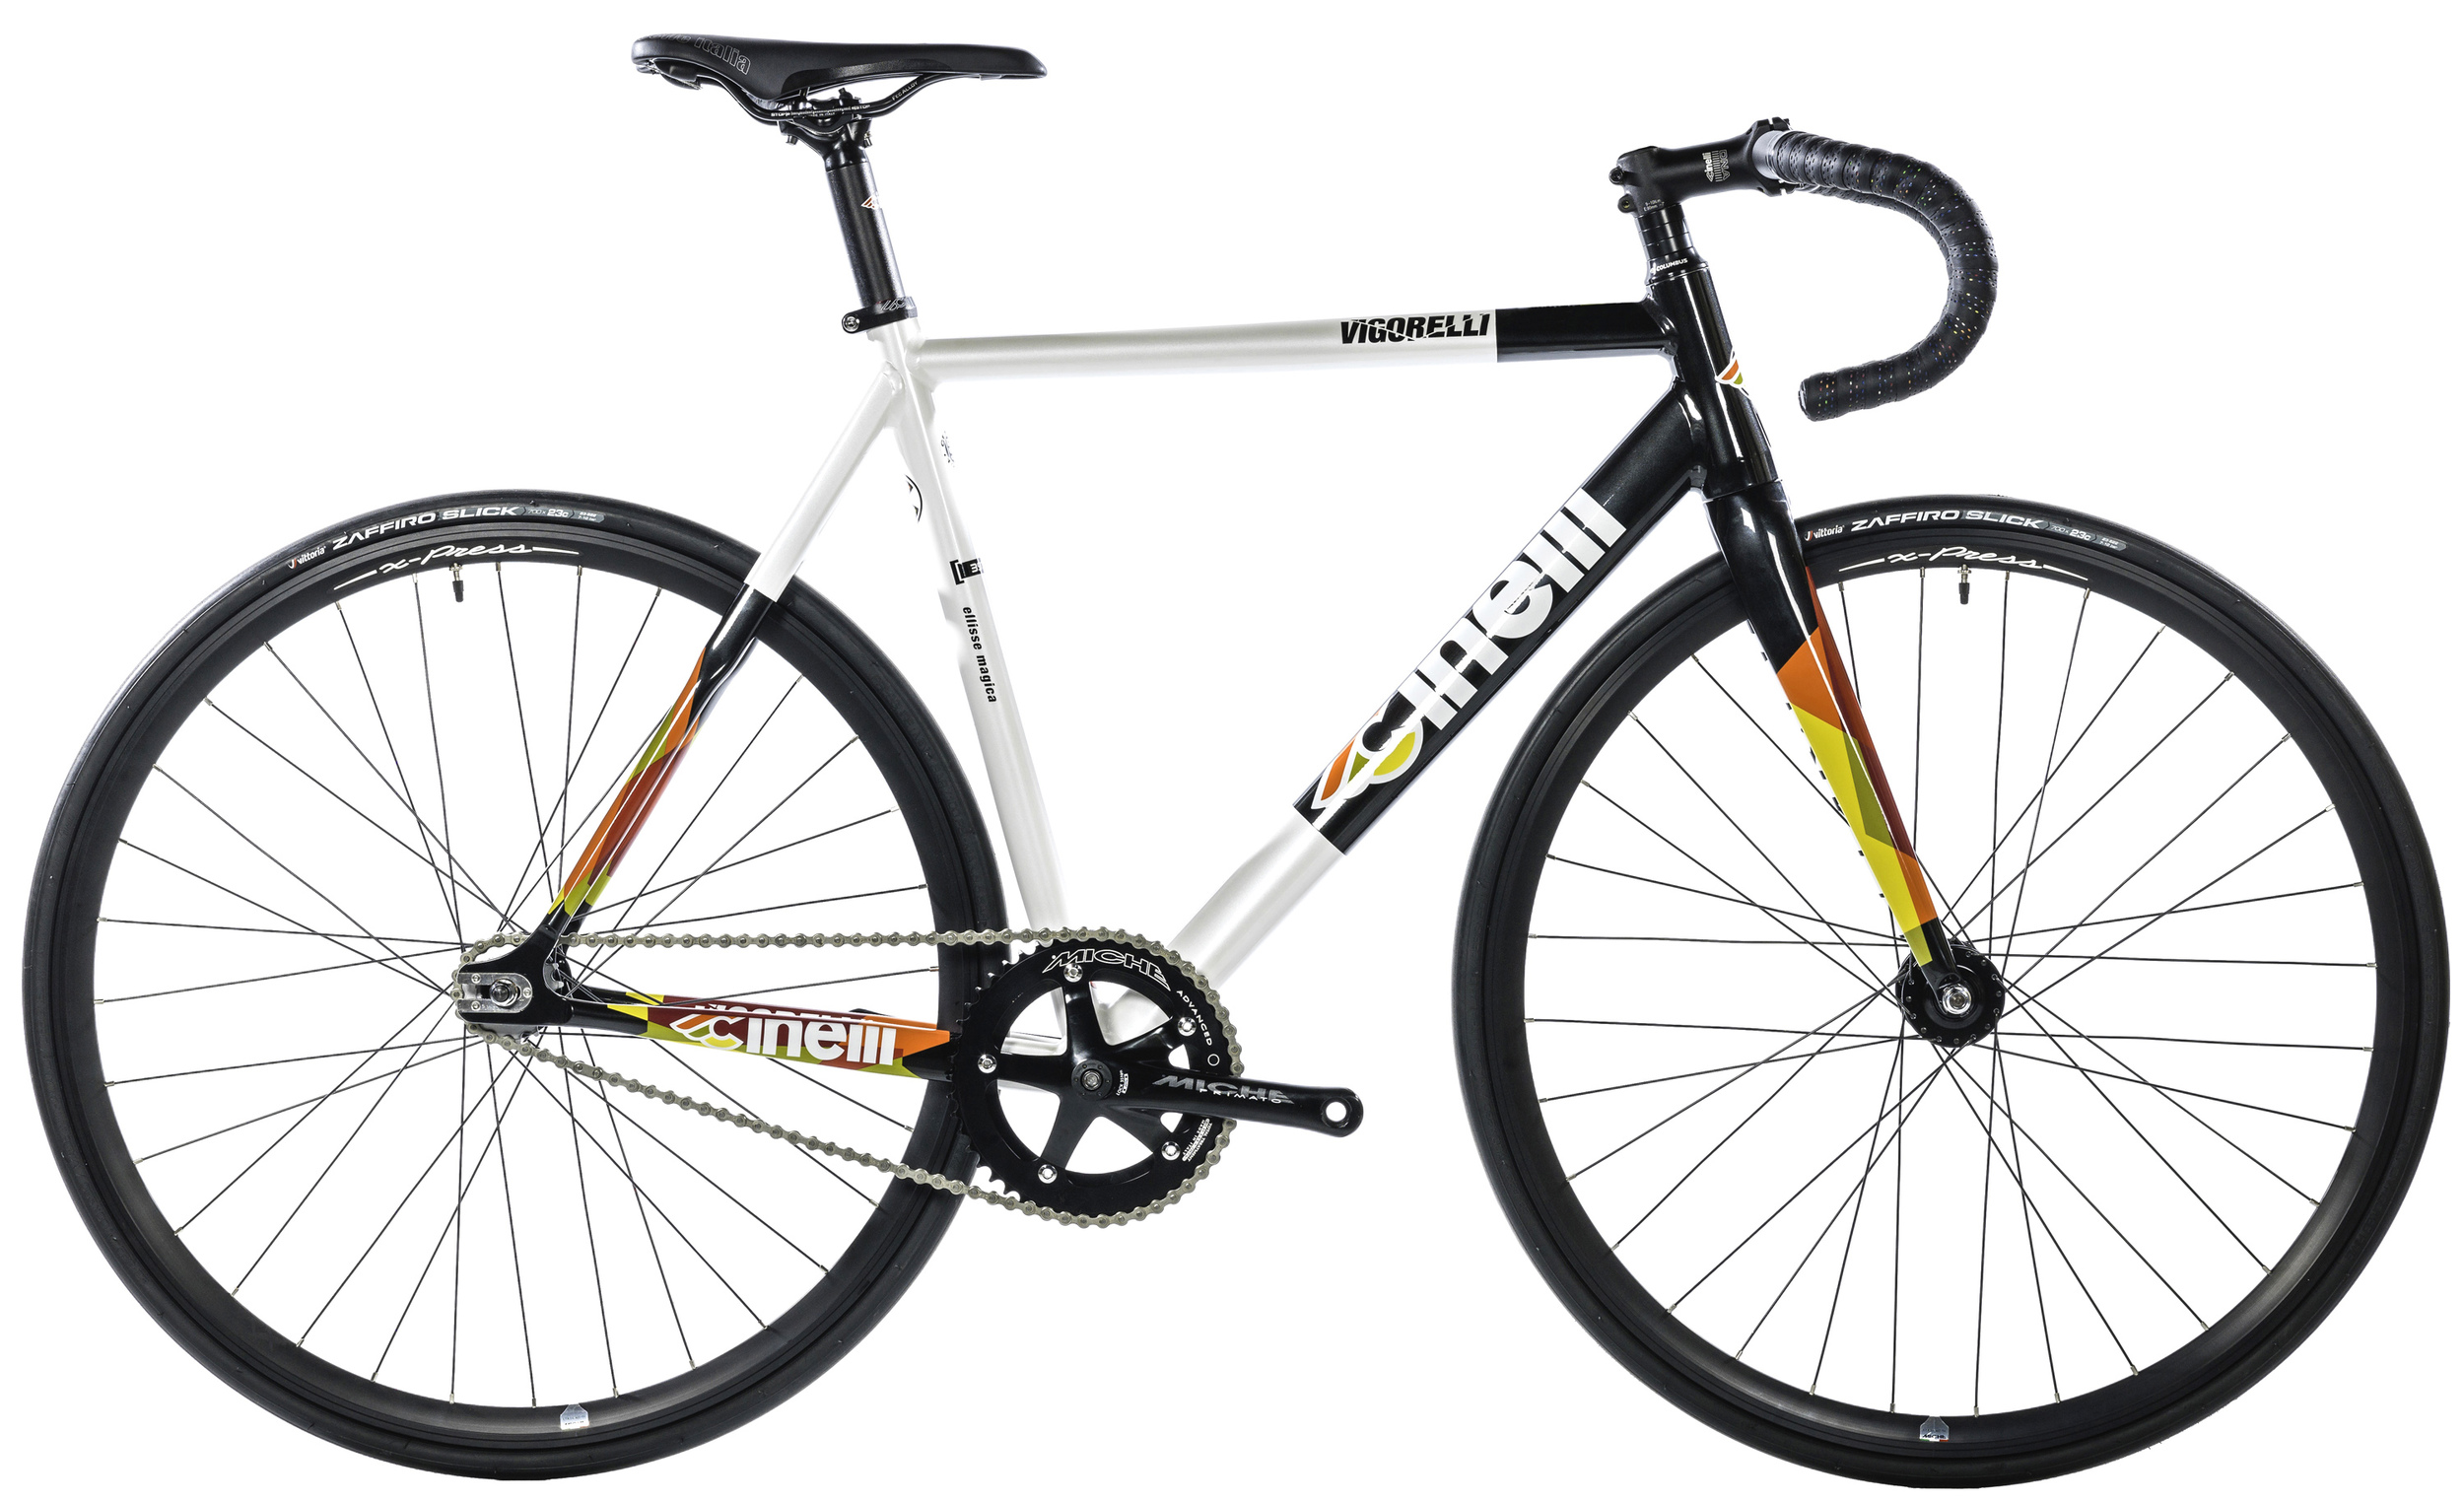 Cinelli track bike £999.99